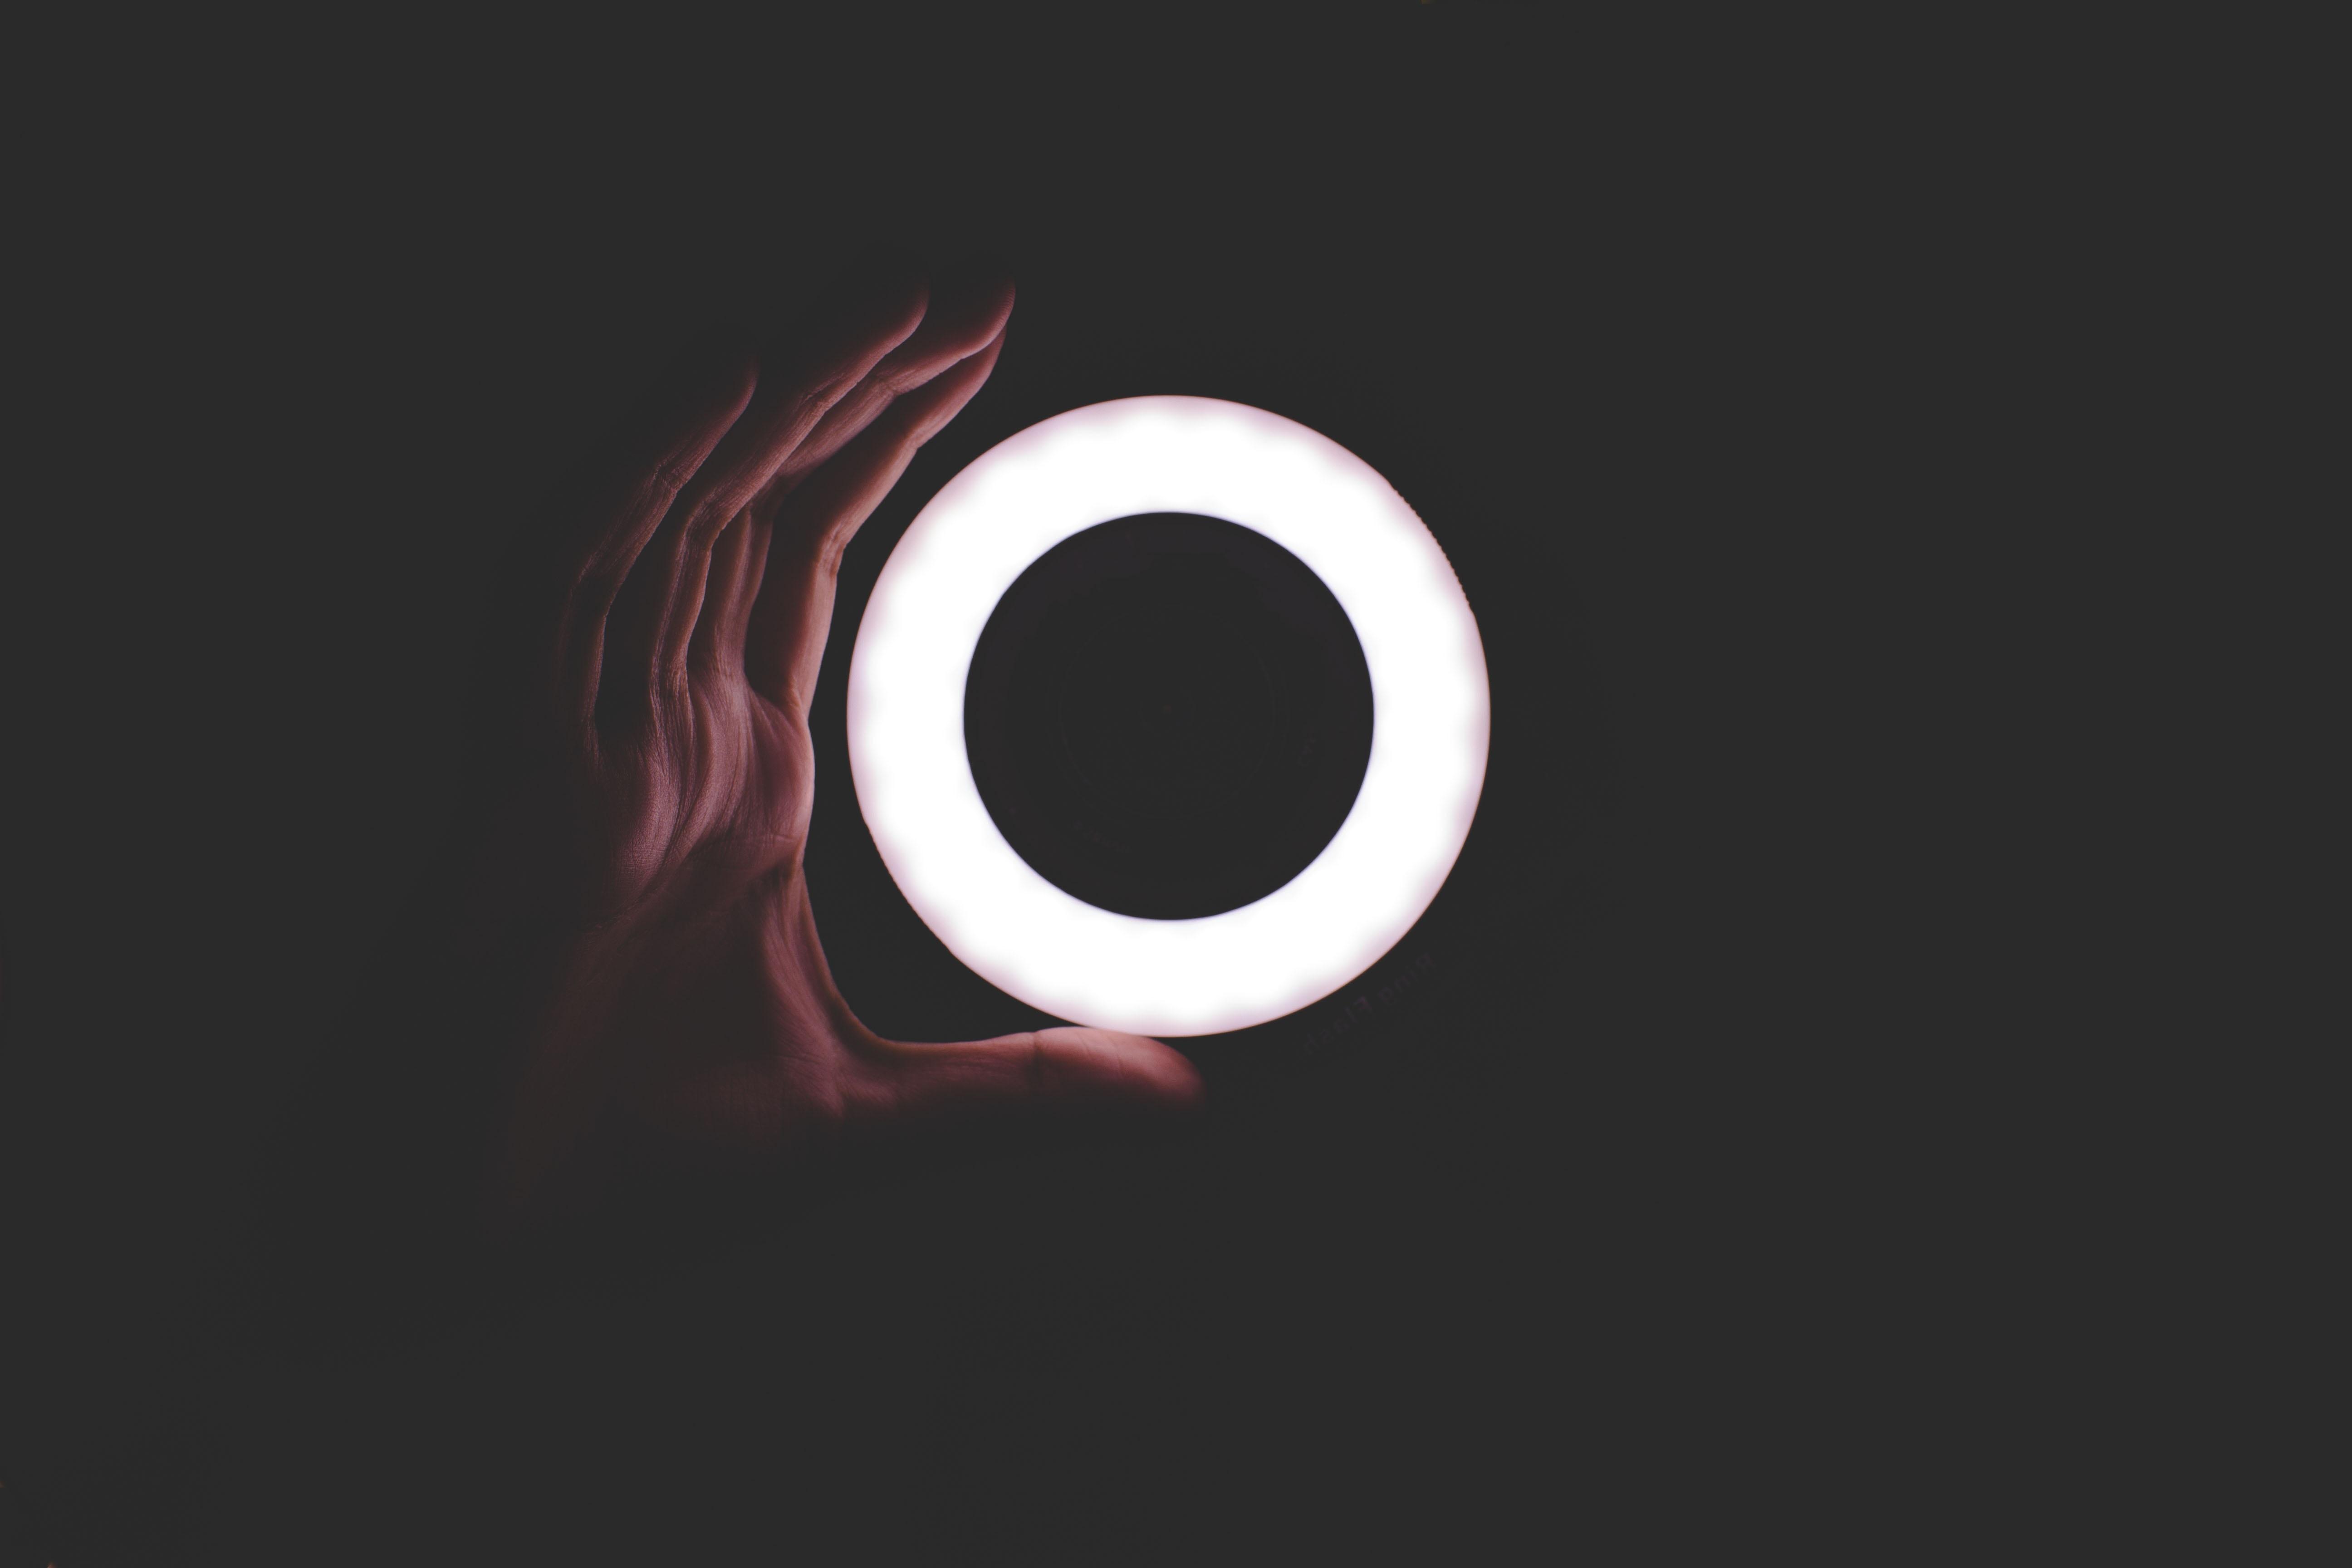 Halo Night-Light